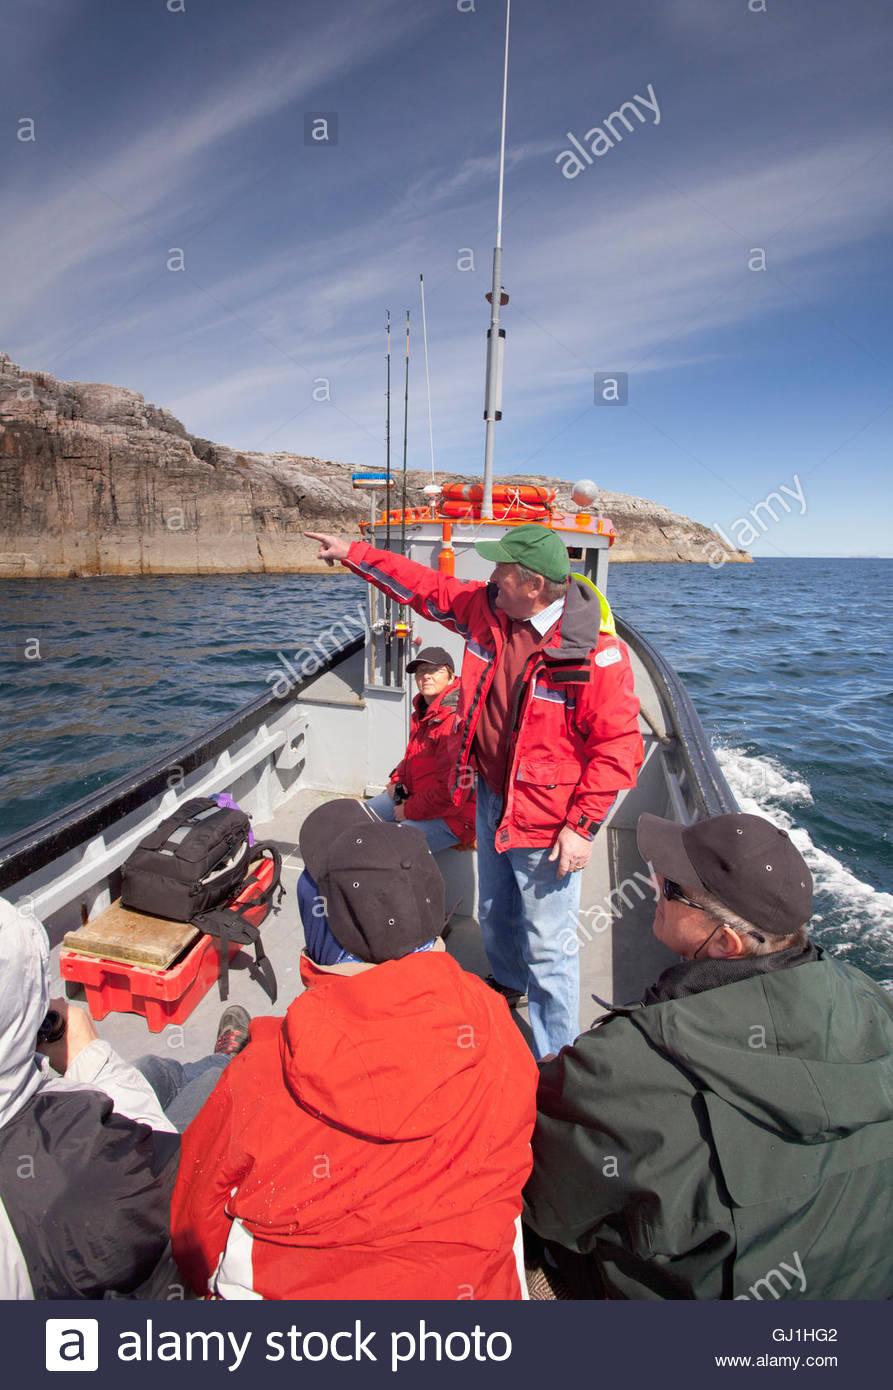 La observación de la vida silvestre y un viaje en barco de pesca frente a la costa de la isla de Harris, Hébridas Imagen De Stock